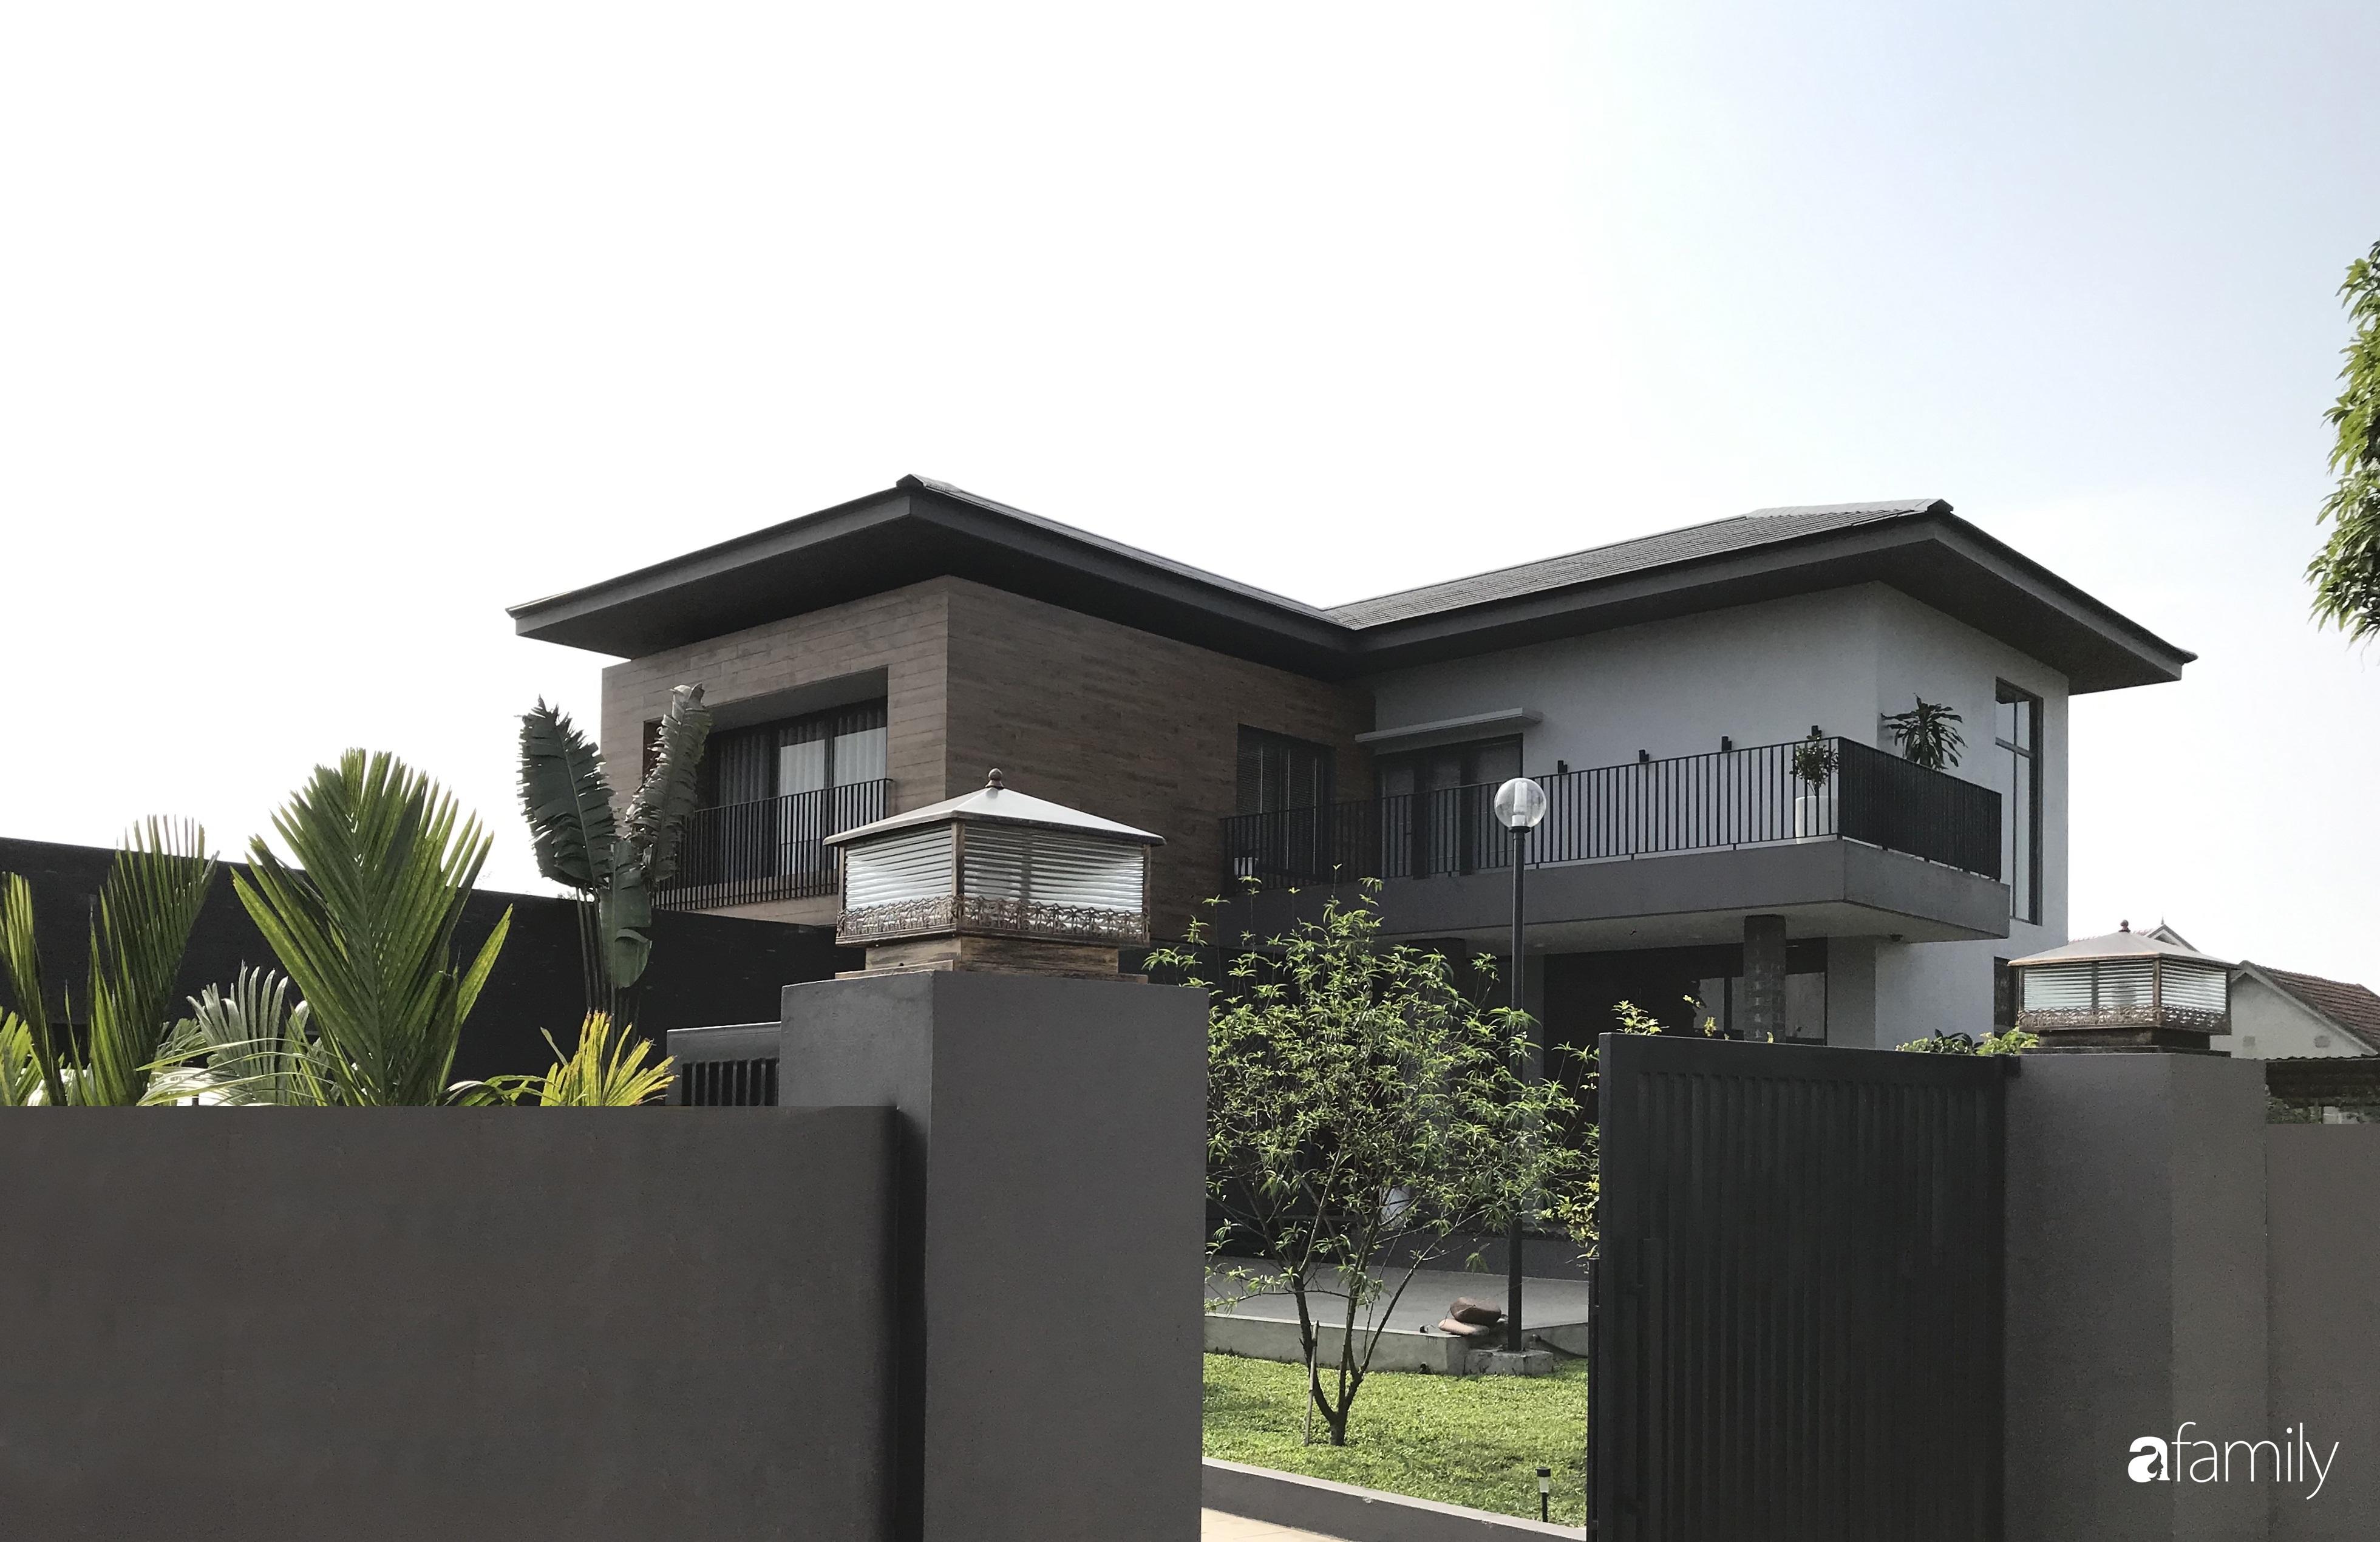 Con trai là KTS xây nhà 2 tầng nhìn thẳng ra cánh đồng lúa với thiết kế tiện dụng cho bố mẹ già ở Hà Tĩnh - Ảnh 3.